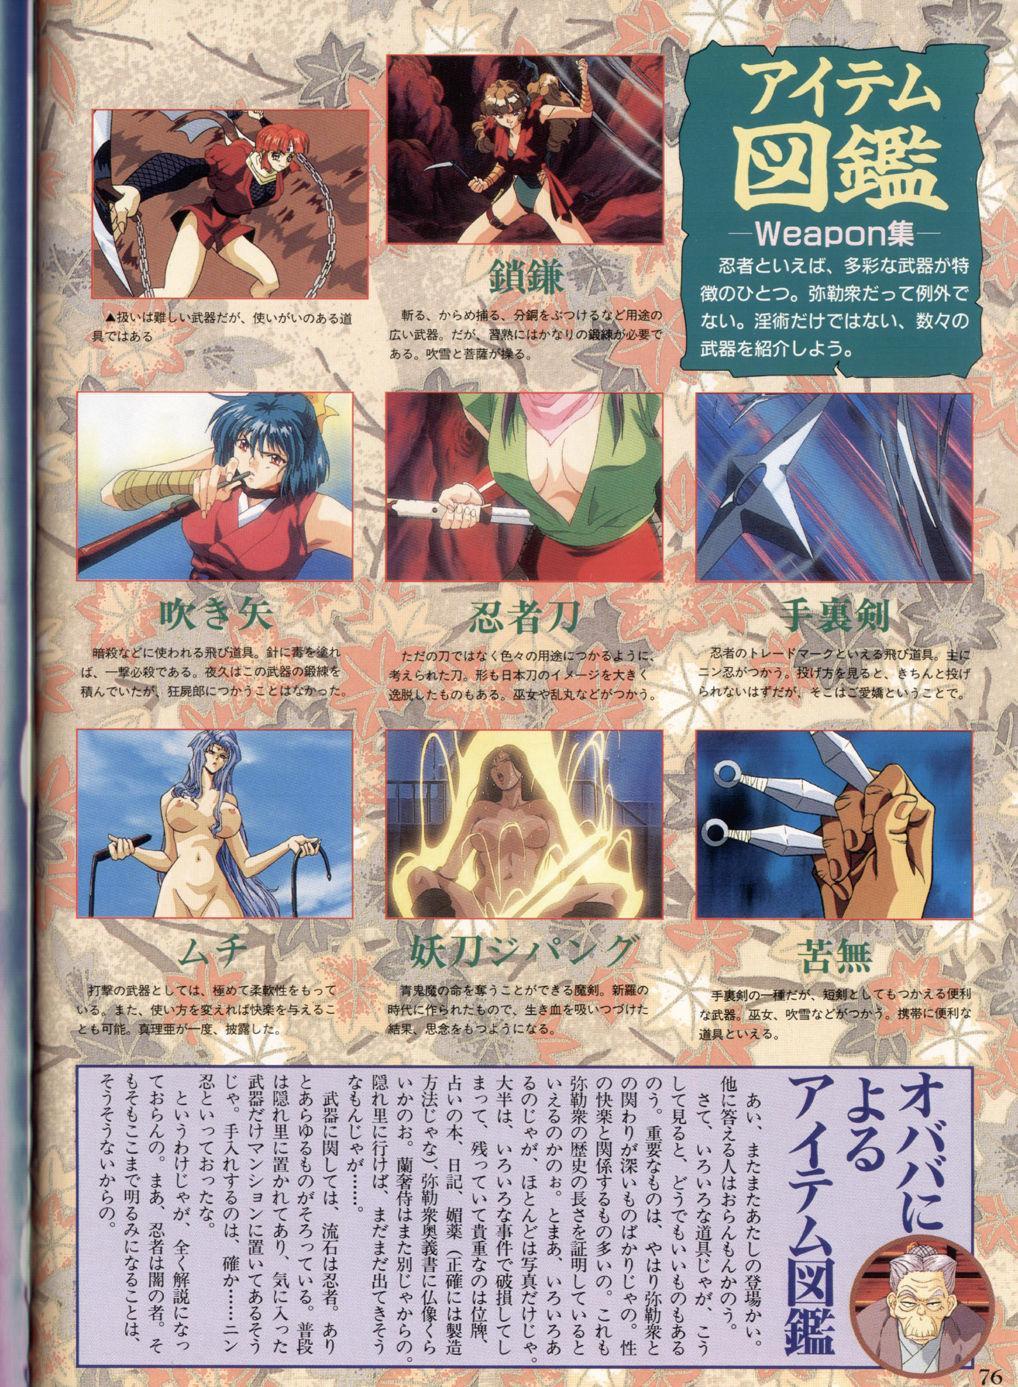 Injuu Gakuen You no Shou Secret File 71